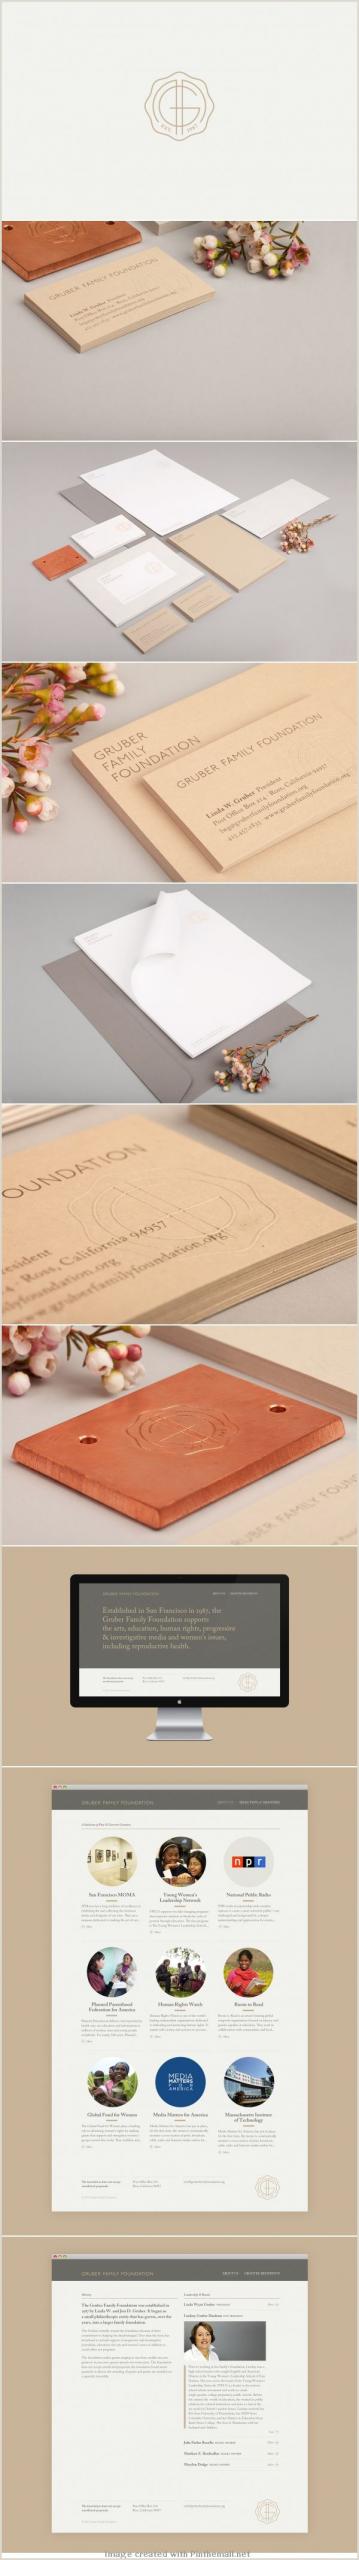 Art Business Card Ideas 14 Popular Hardwood Flooring Business Card Template